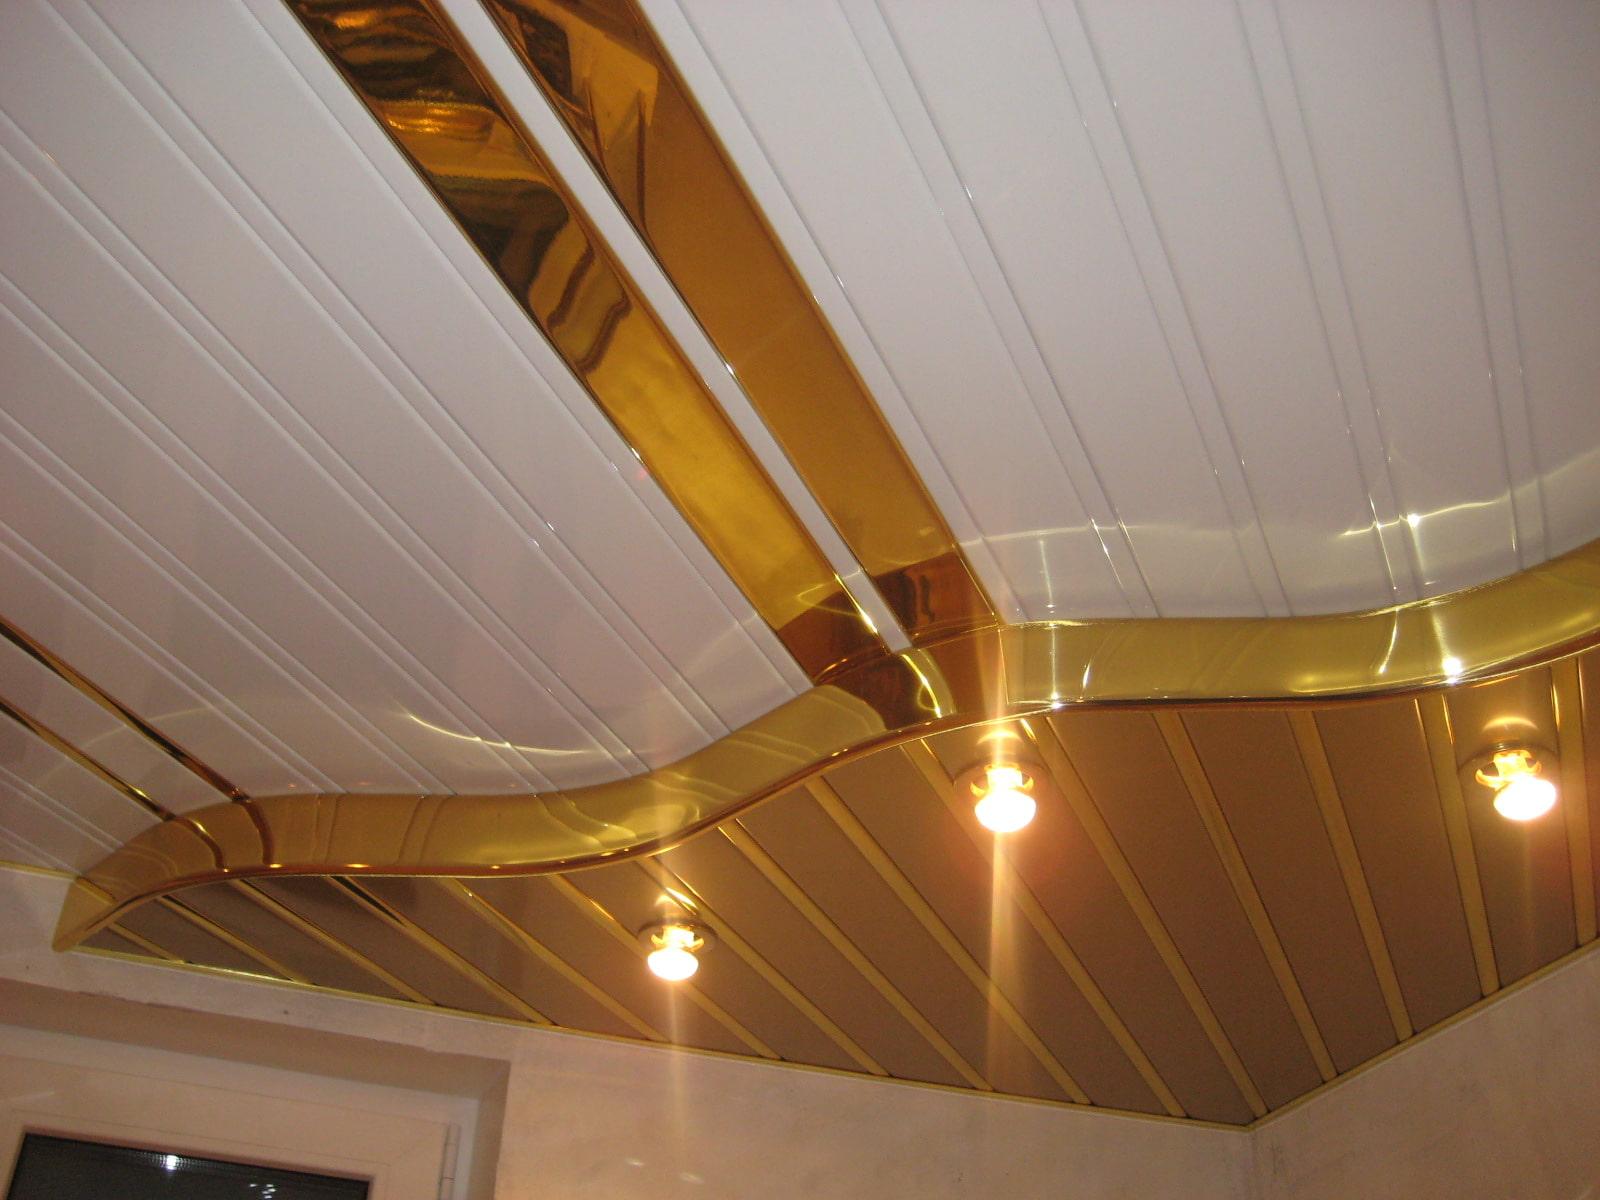 Виды натяжных потолков: материалы, фактура, цвет, разновидности конструкций, форм